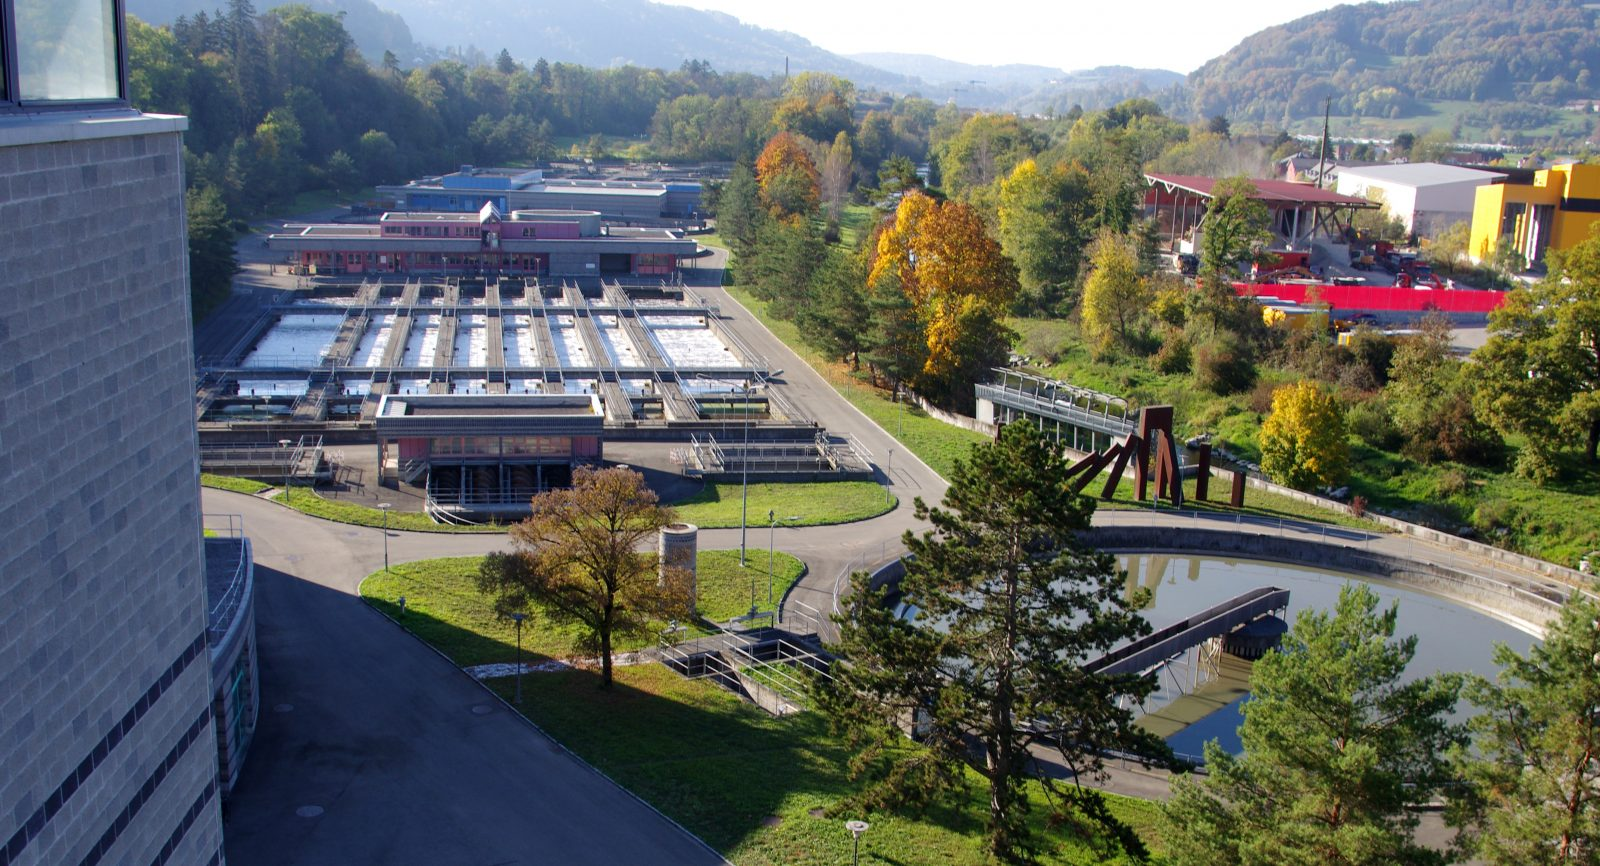 Mit dem Wegfall der Schlammverbrennung musste eine neue Wärmequelle für den Betrieb eingerichtet werden. Mit der Weiterführung der WKK-Technologie konnte auch die eigene Stromversorgung erheblich ausgeweitet werden.